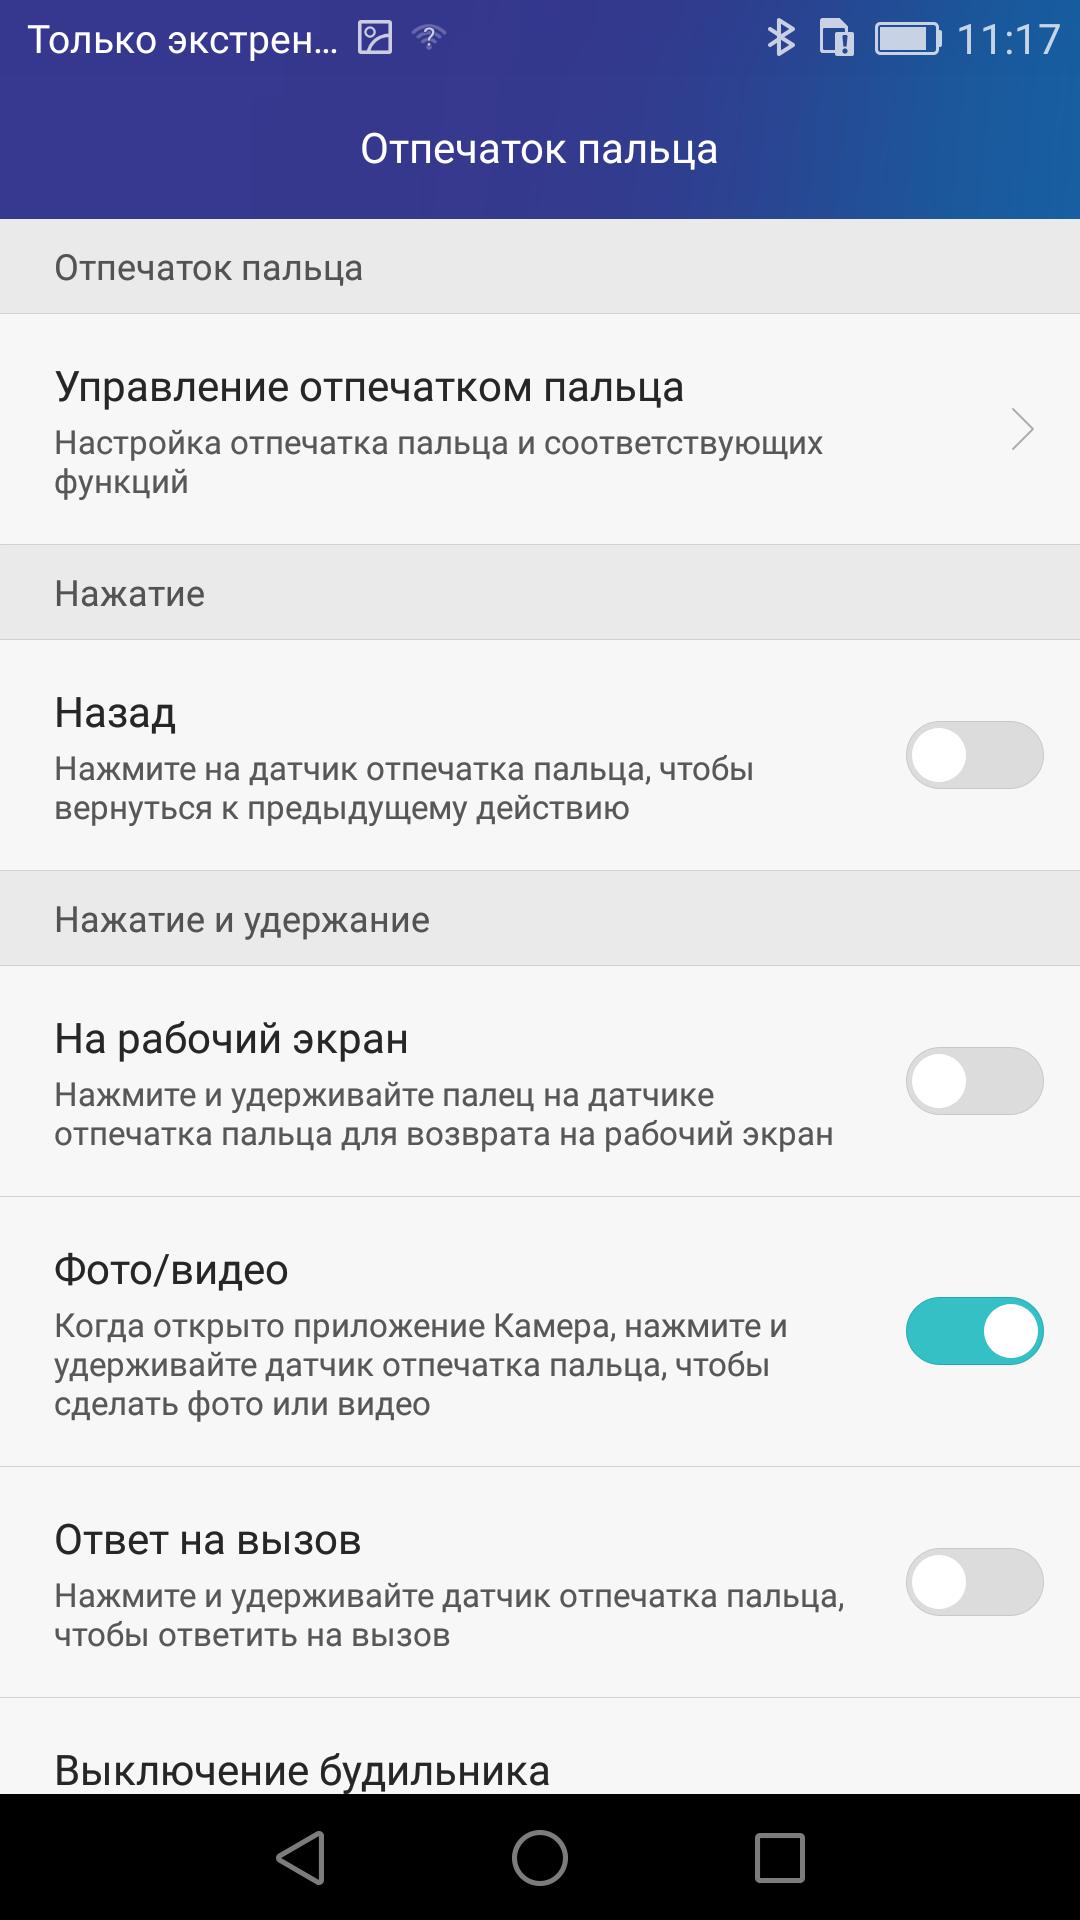 Как сделать входящий звонок на весь экран? - m 91